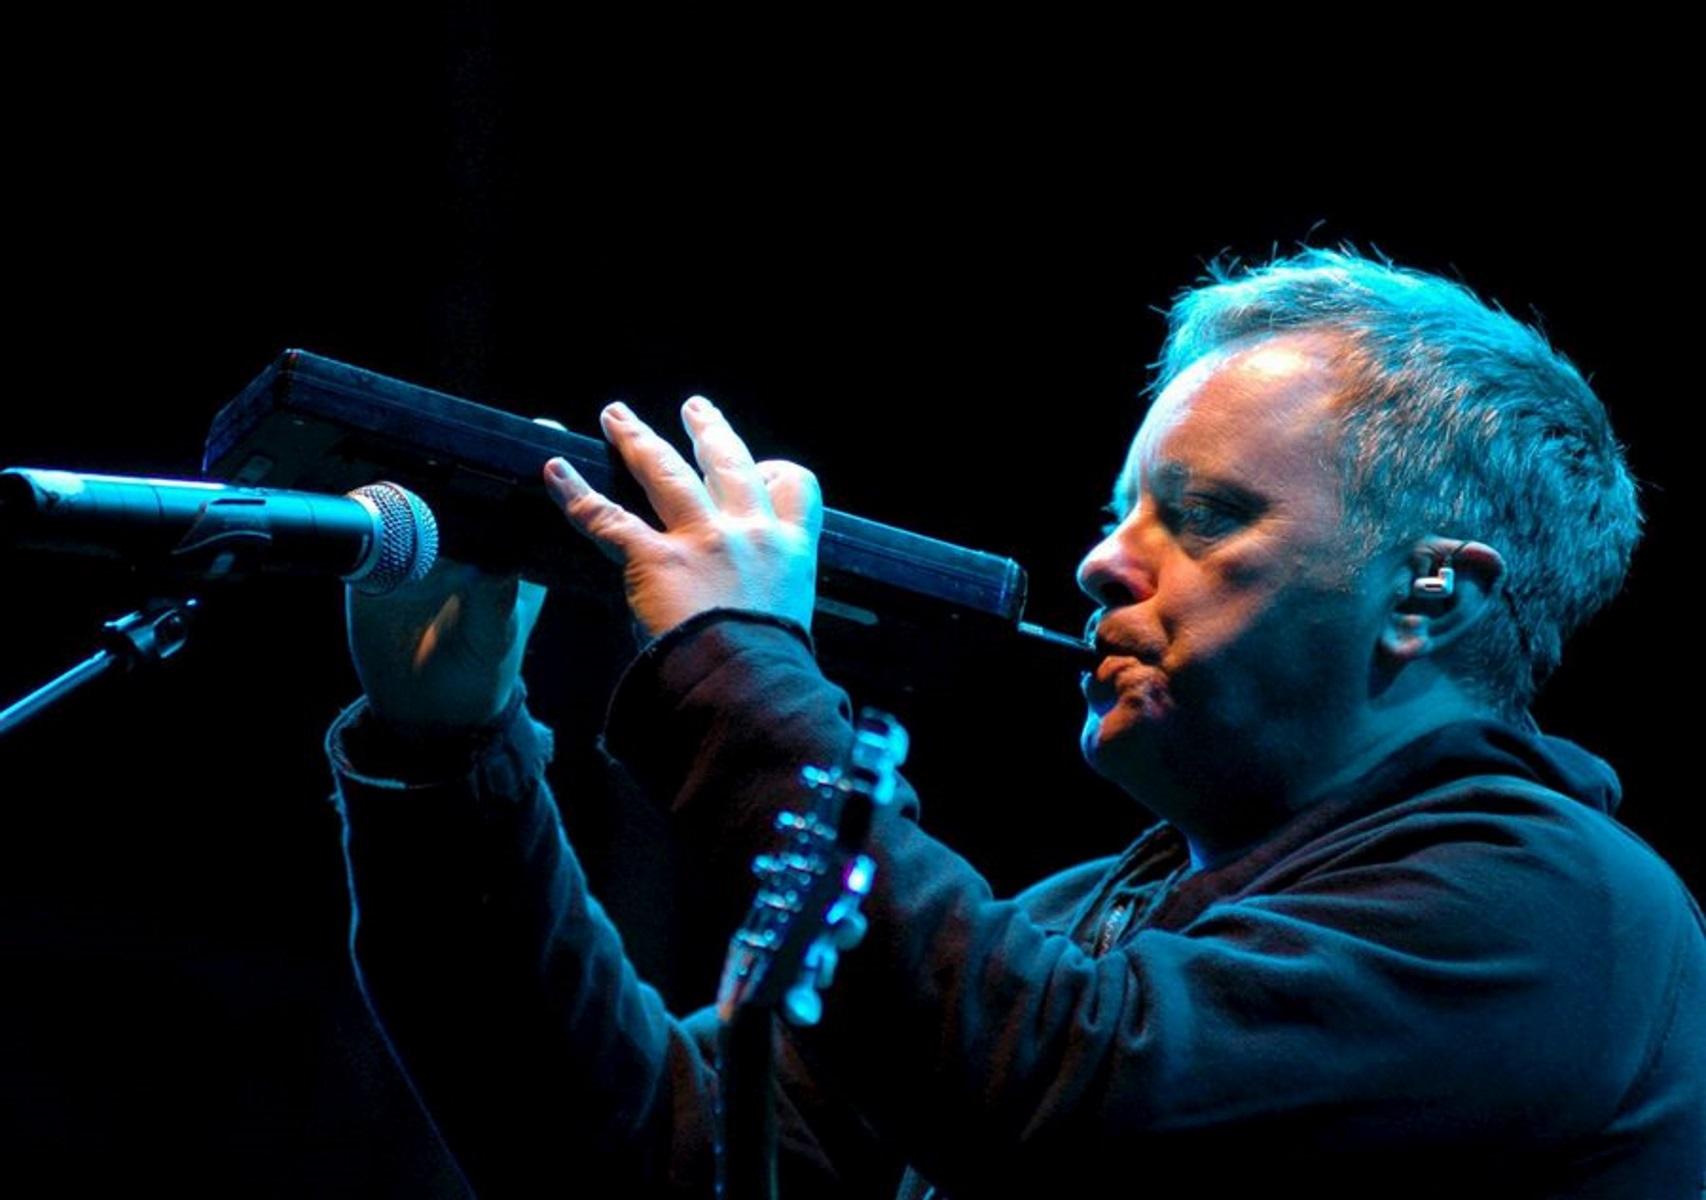 Νέο τραγούδι για τους New Order μετά από πέντε χρόνια